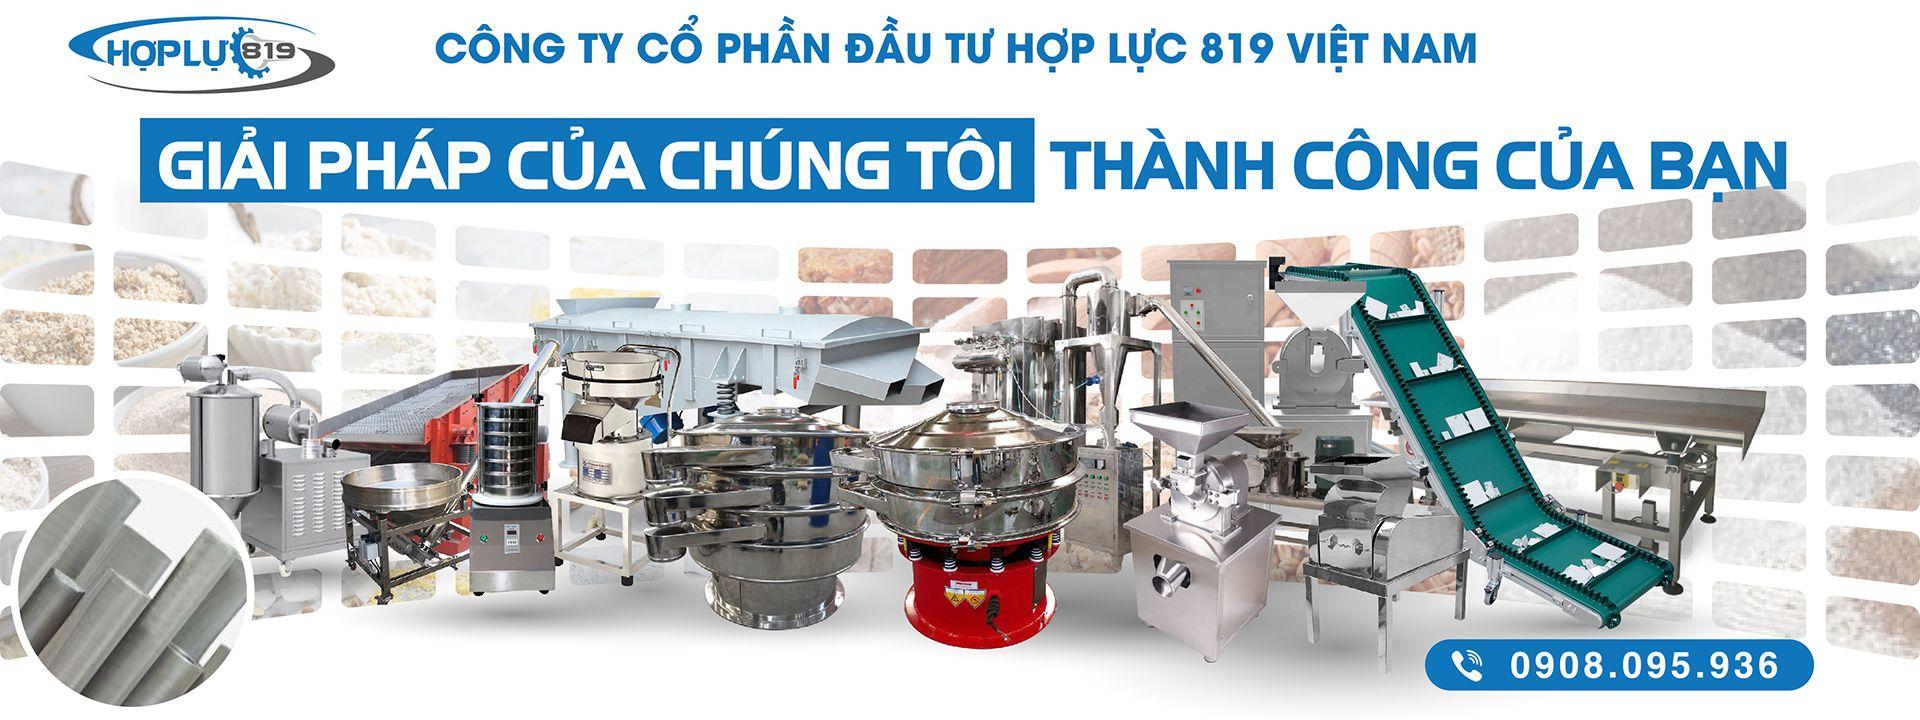 Máy sàng chuyên sàng bột, máy sàng rung, máy nghiền bột, máy nghiền đường, lưới inox 304